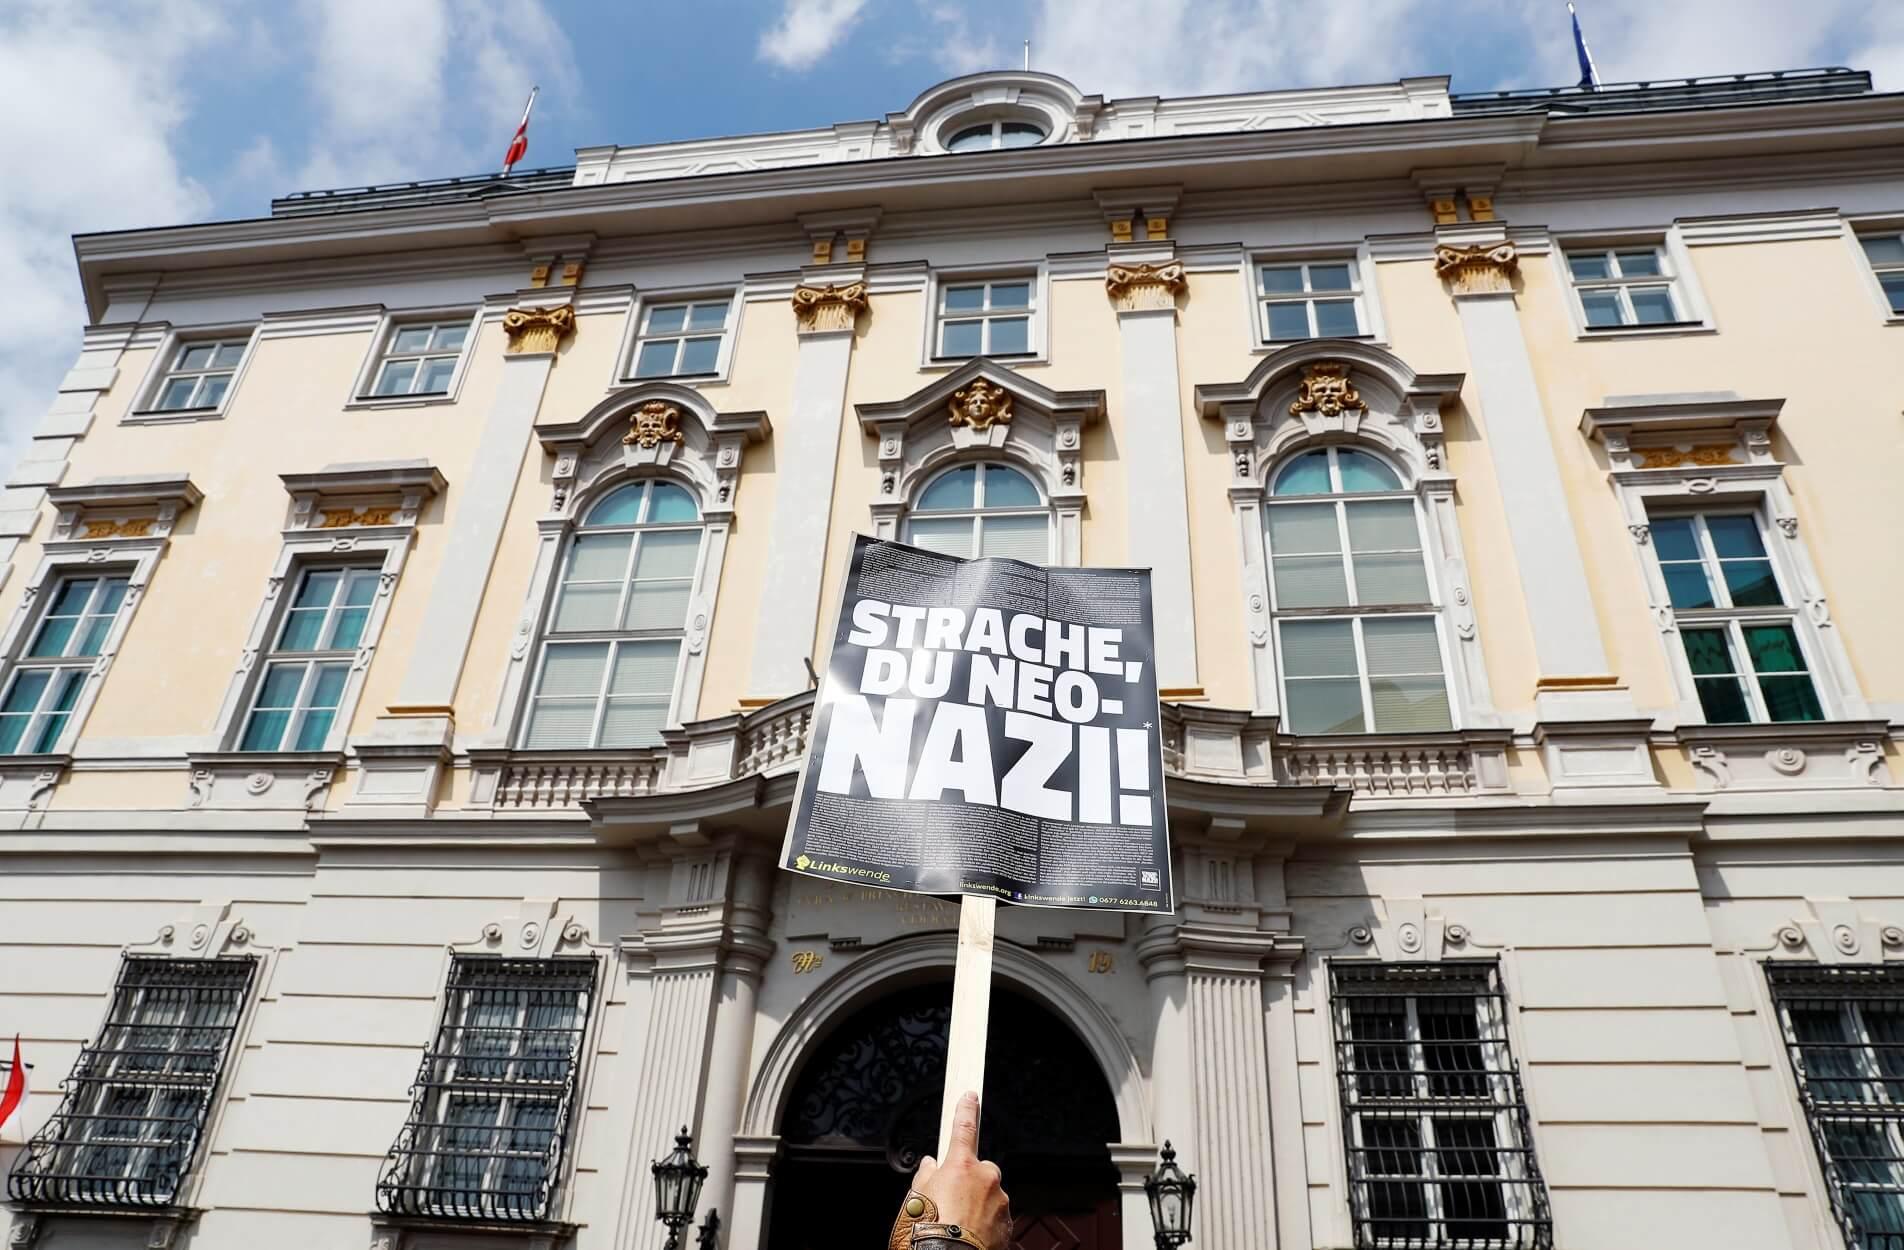 Βιέννη: Πανηγυρίζουν την παραίτηση του ακροδεξιού Στράχε – Απαίτηση για πρόωρες εκλογές!